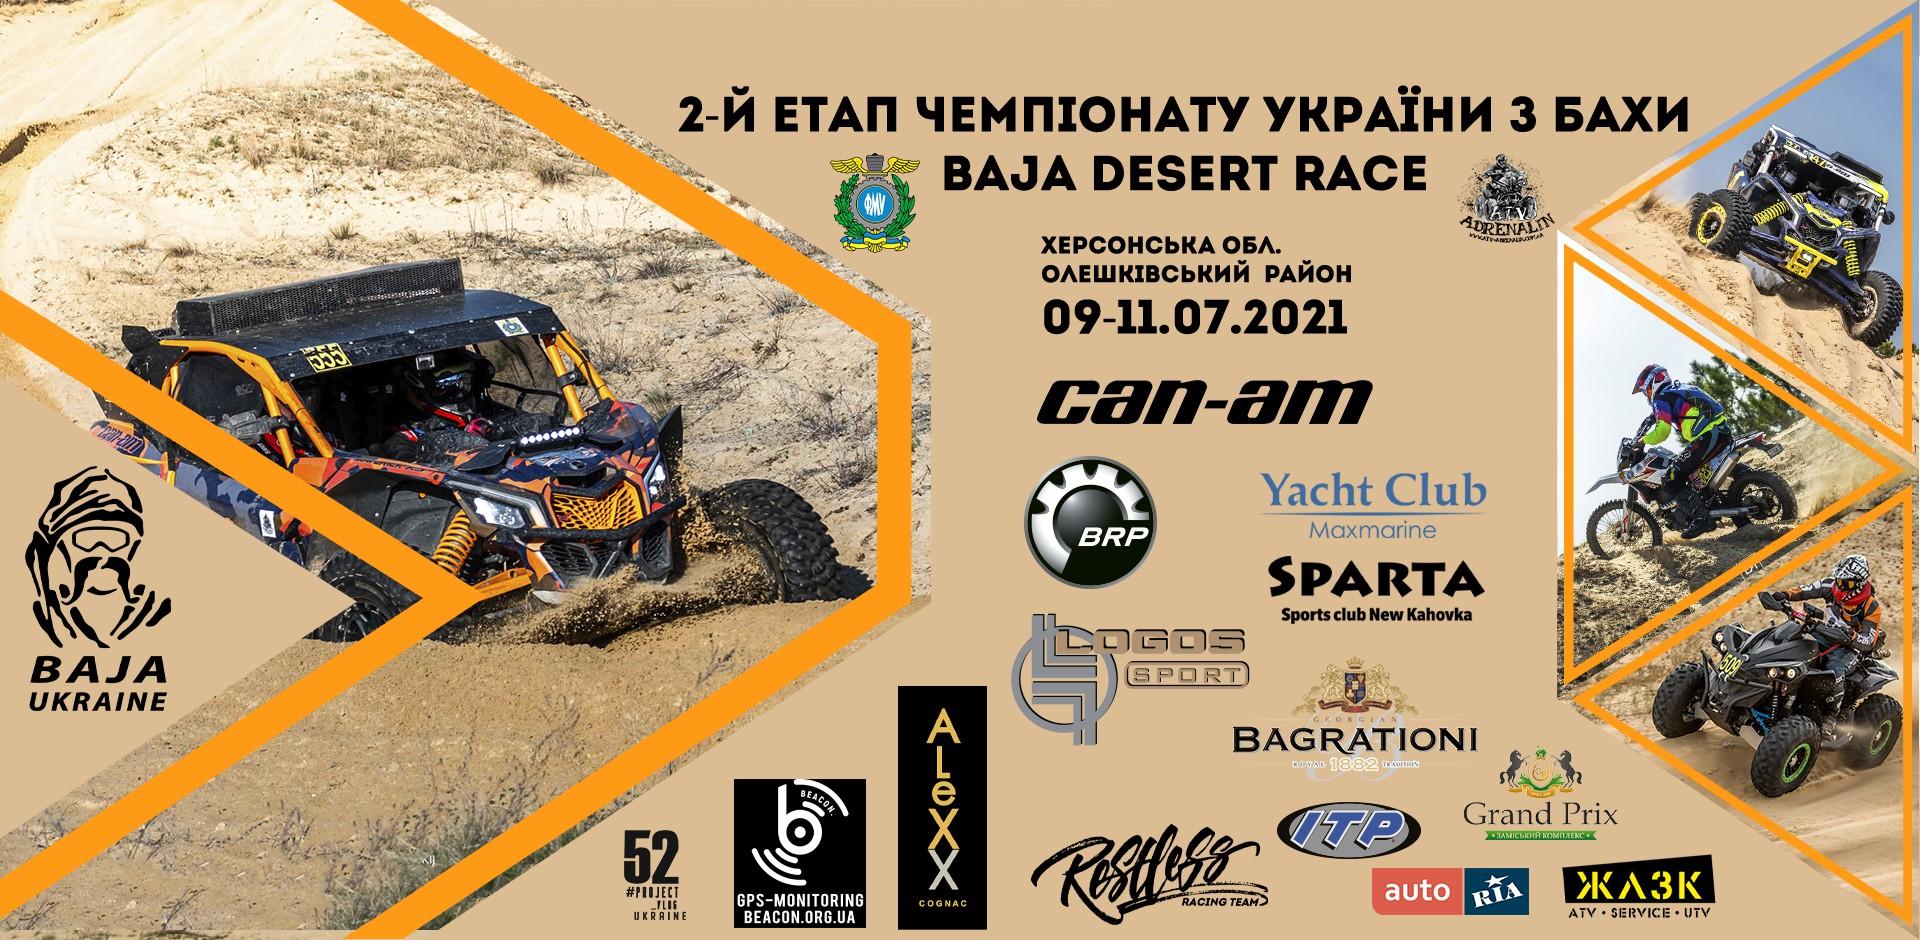 Чемпіонат України з BAJA 2021. 2-й етап. Анонс